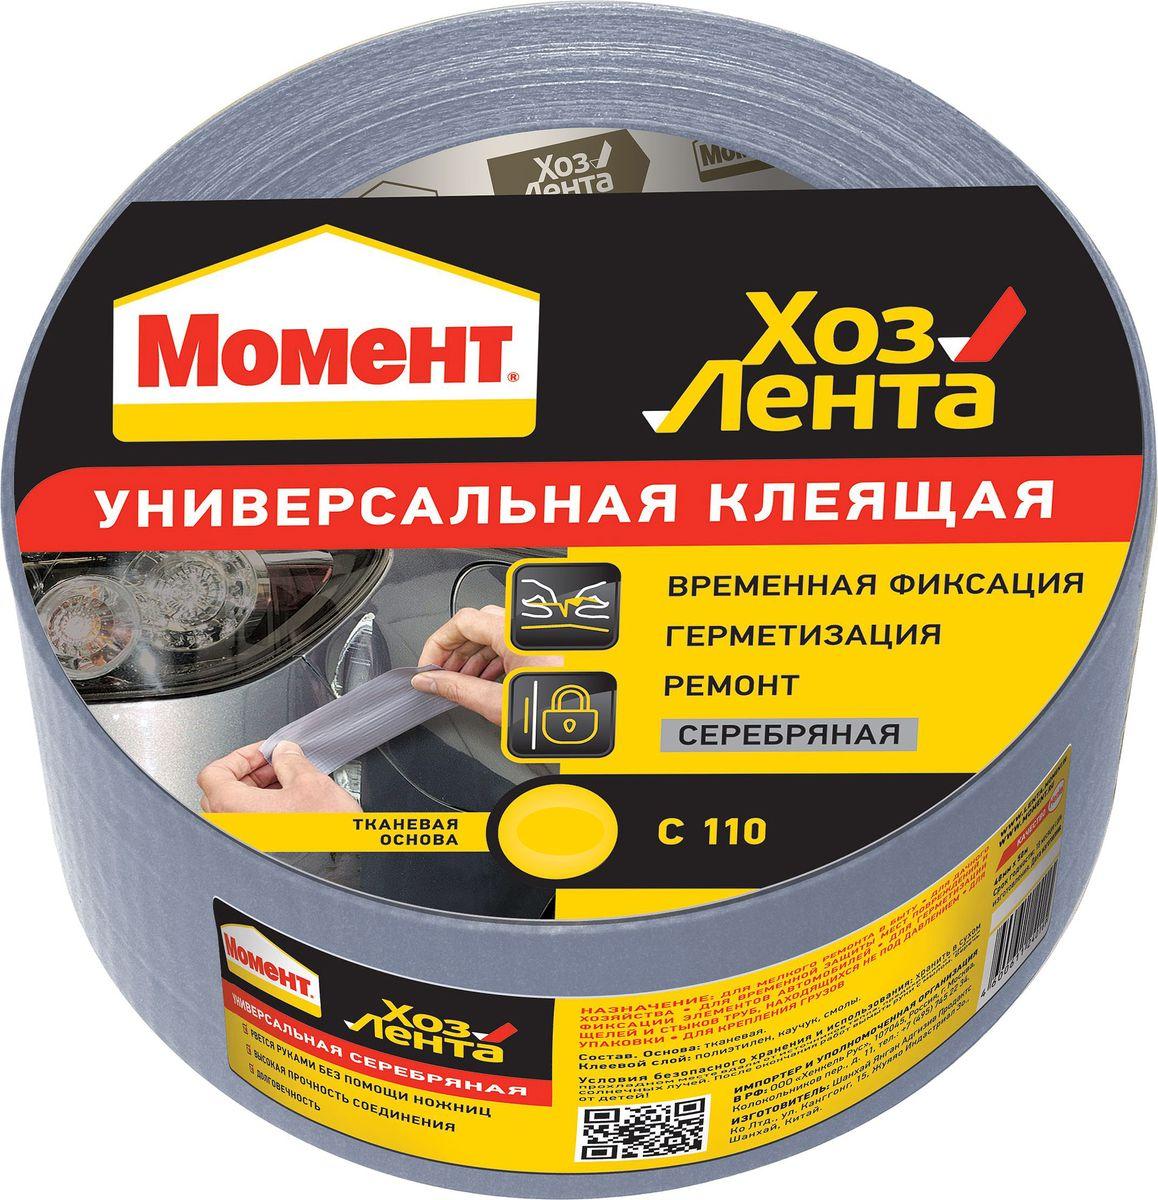 Лента клеящая Момент ХозЛента, универсальная, цвет: серебристый, 25 м1161083Универсальная липкая лента Момент ХозЛента на тканевой основе отлично подходит для широкого спектра работ по временному ремонту, герметизации и фиксации. Предназначена для мелкого ремонта в быту (починка инструментов, мебели, резиновых или пластмассовых шлангов), как временная защита мест повреждений кузова автомобиля, фар, фиксации любых элементов. Незаменима в дачном хозяйстве для герметизации покрывных пленок, починки садового инвентаря, временной герметизации водостоков и т. д. Применяется в системах кондиционирования, вентиляции, водоснабжения, отопления: для обмотки труб, для герметизации щелей и стыков труб, находящихся не под давлением. Приклеивается к различным основам, например, камню, бетону, дереву, пластмассе, металлу, стеклу, любым гладким и окрашенным поверхностям.Особенности ленты: - Высокая прочность соединения. - Водостойкость. - Высокая теплостойкость. - Долговечность.Ширина ленты: 48 мм.